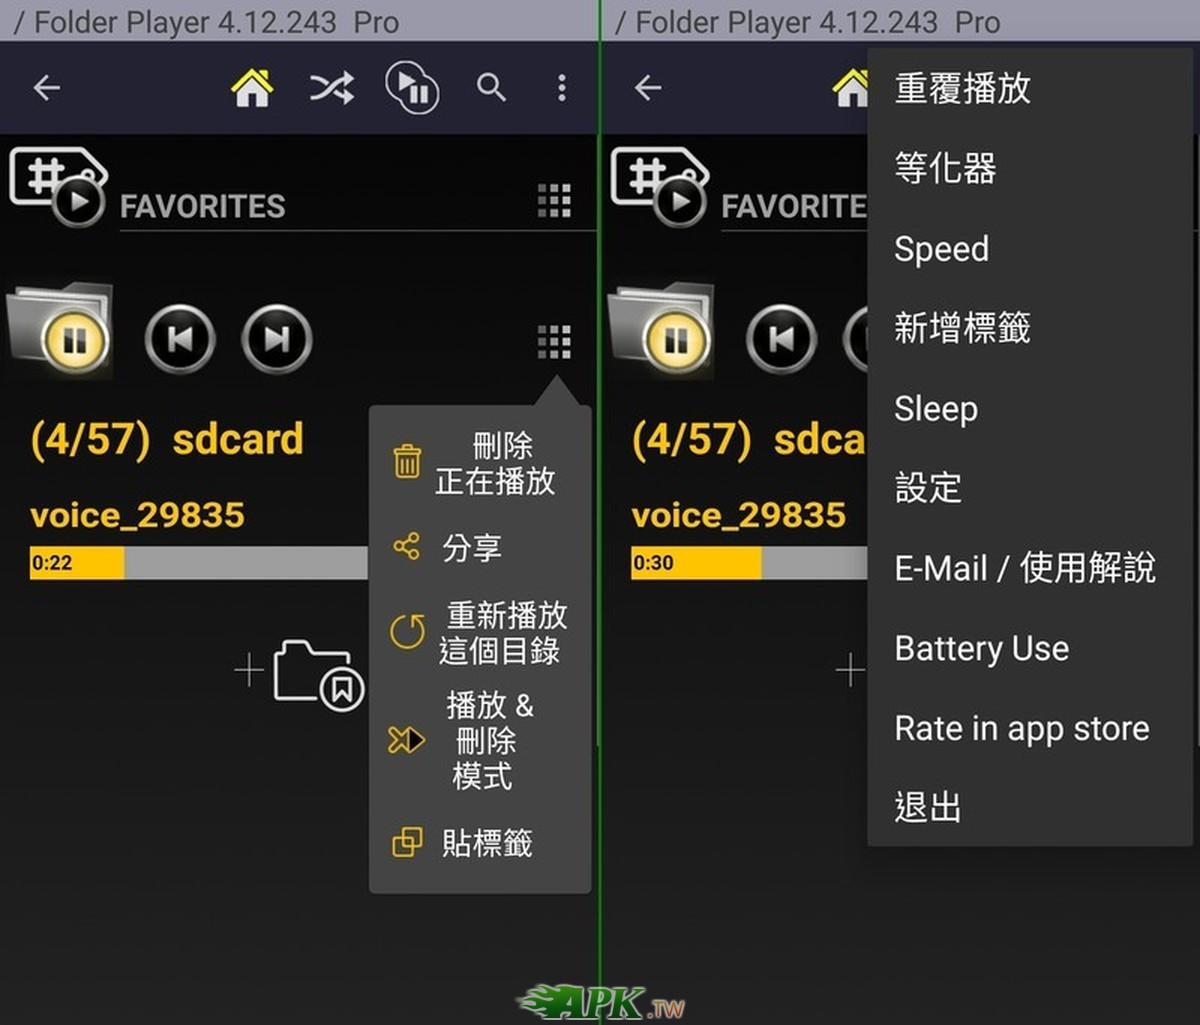 FolderPlayer__2.jpg